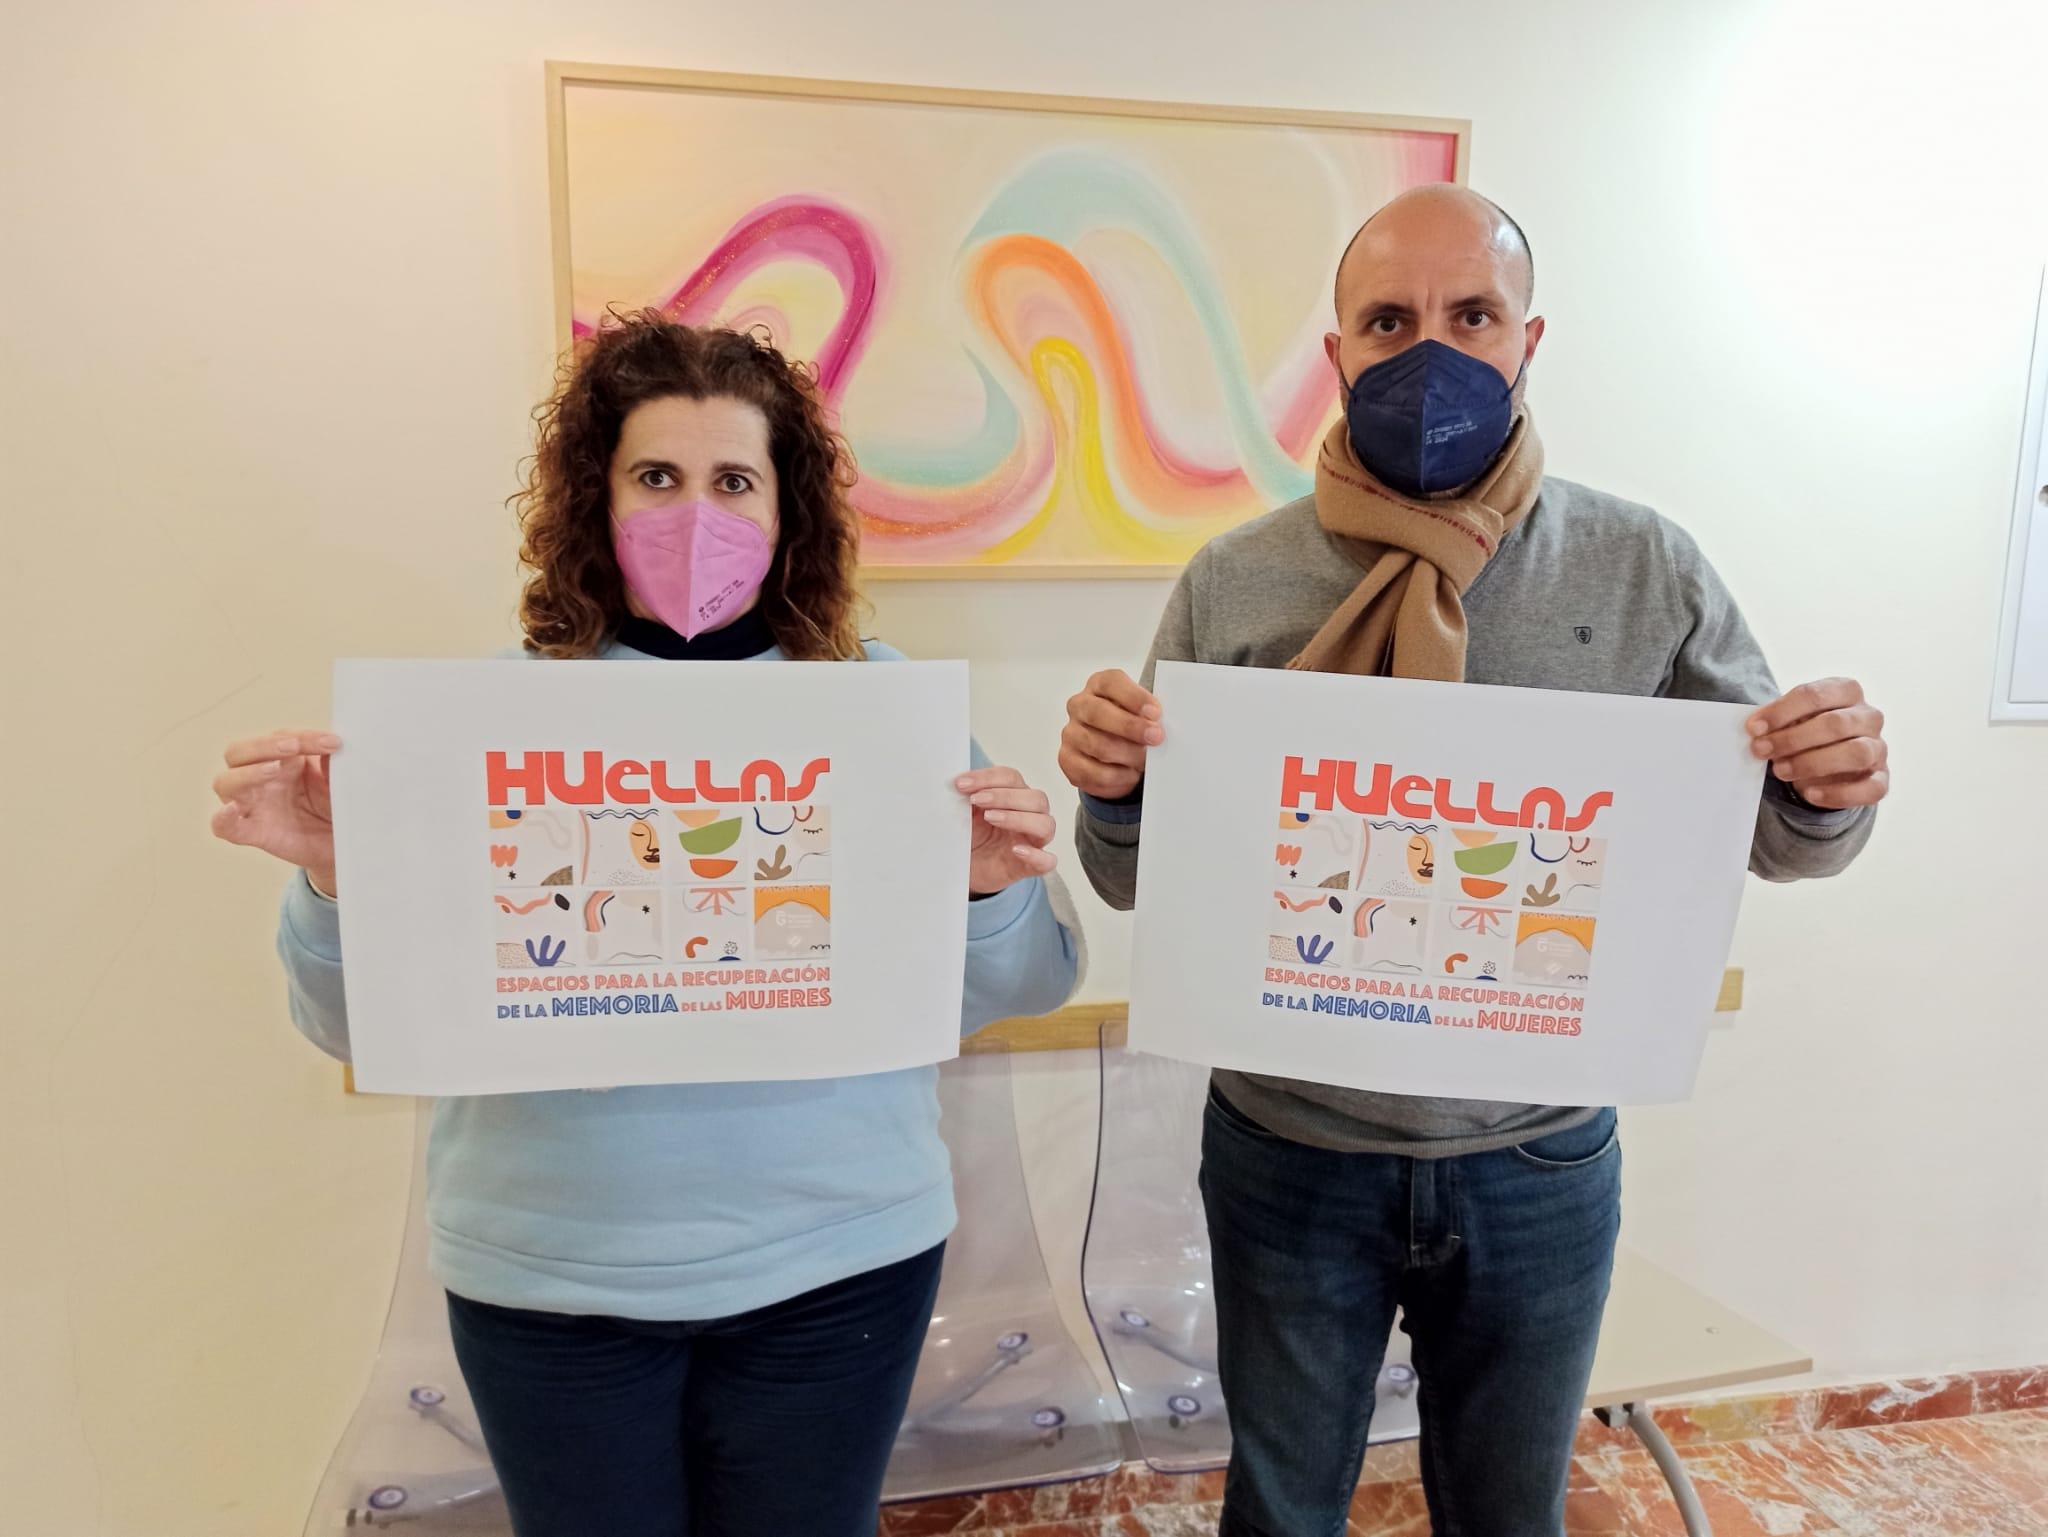 Otura recuperará historias de mujeres anónimas del municipio en el marco del proyecto 'Huellas'